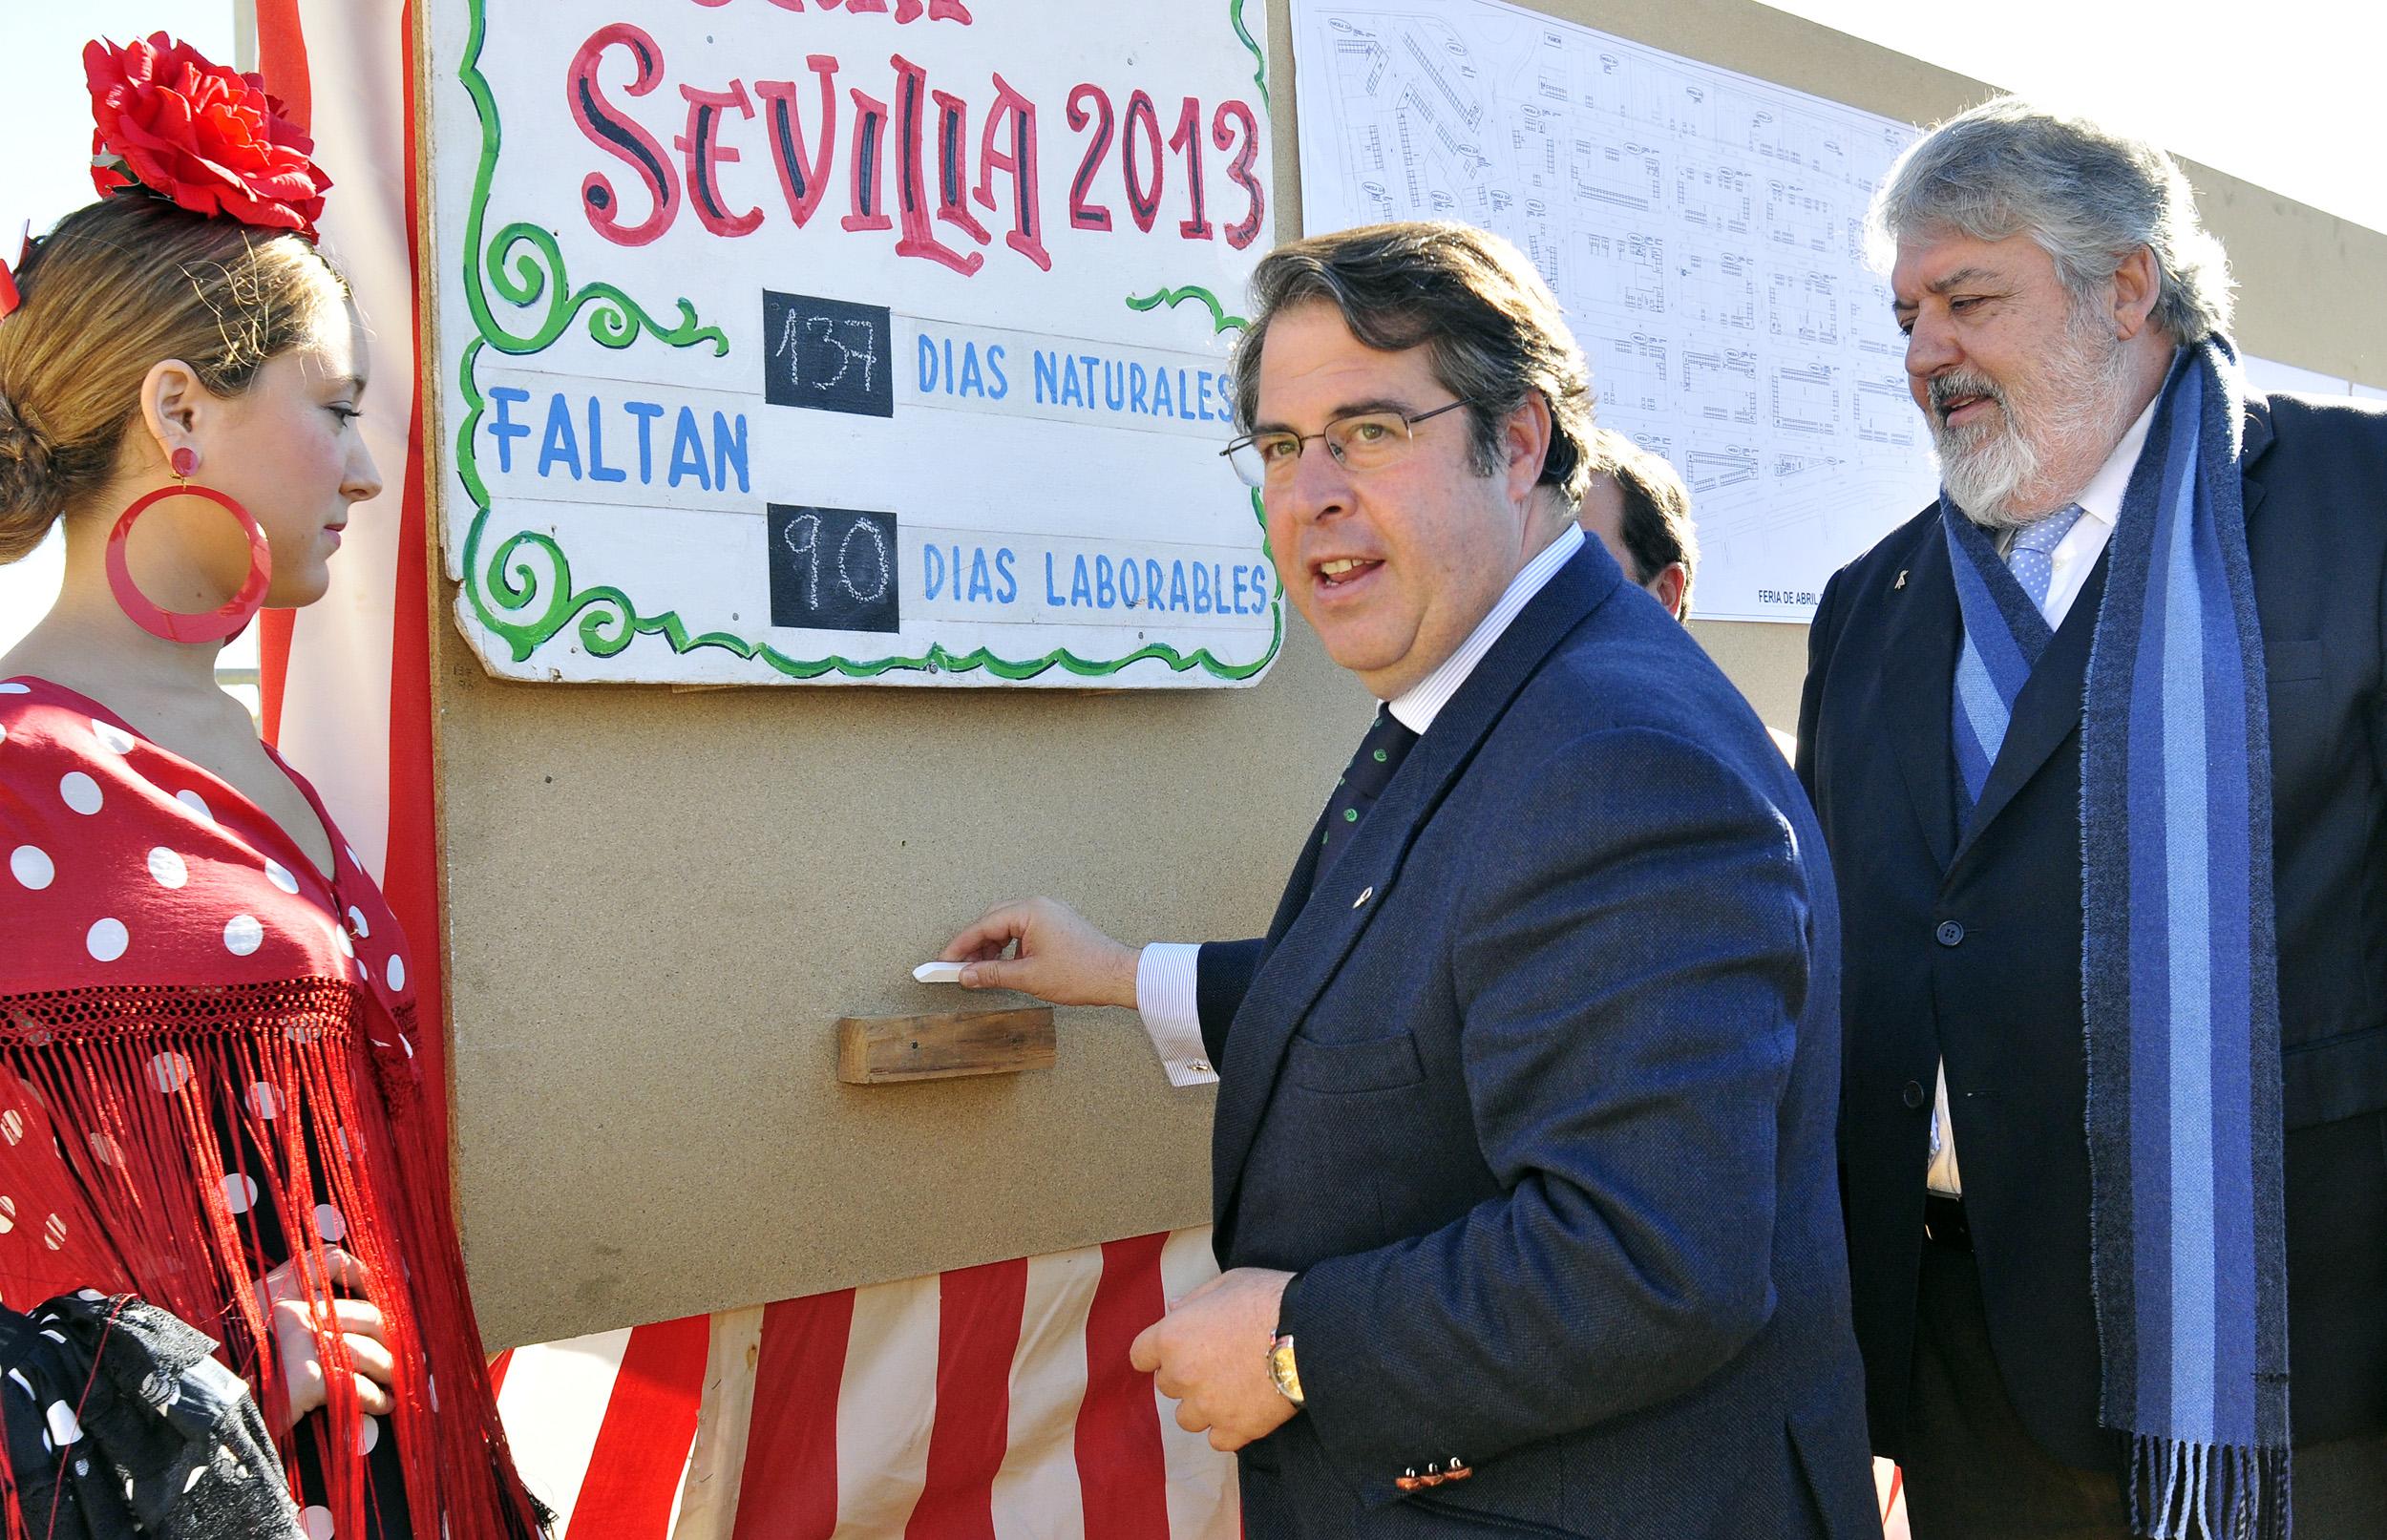 e510110de4f4c Sevilla tiene un olor especial canta la copla de Lipasam